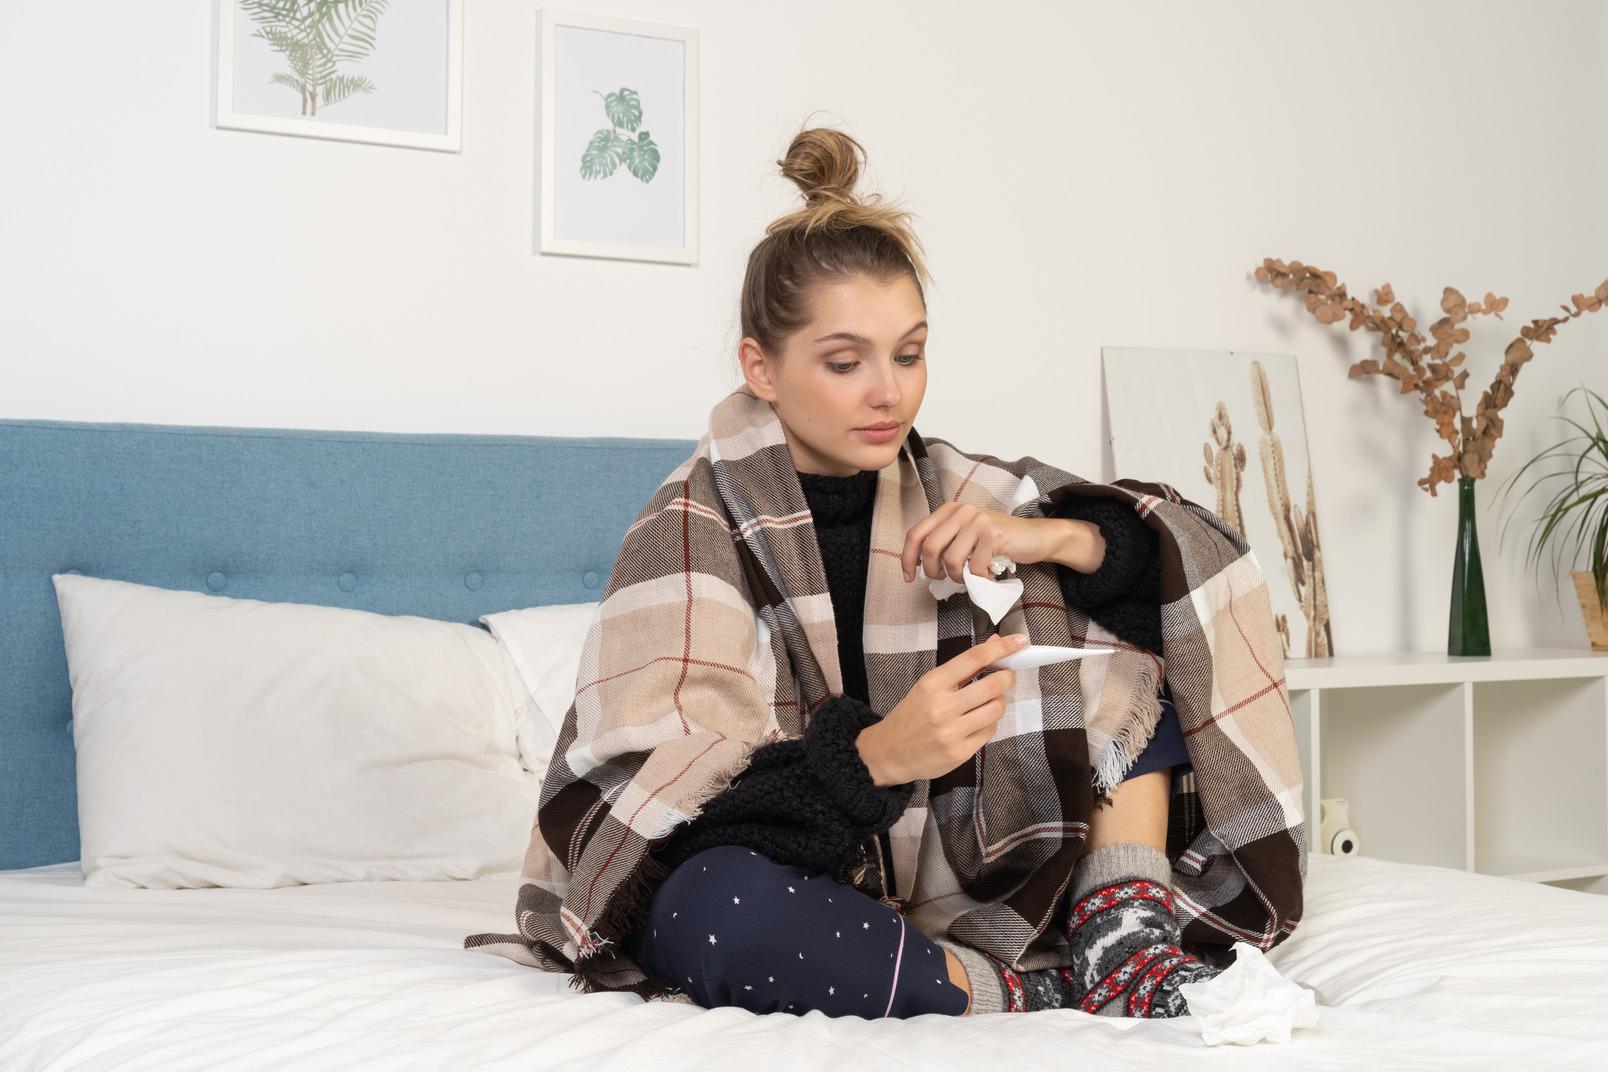 Vista frontal de uma jovem doente de pijama, enrolada em um cobertor xadrez, verificando sua temperatura